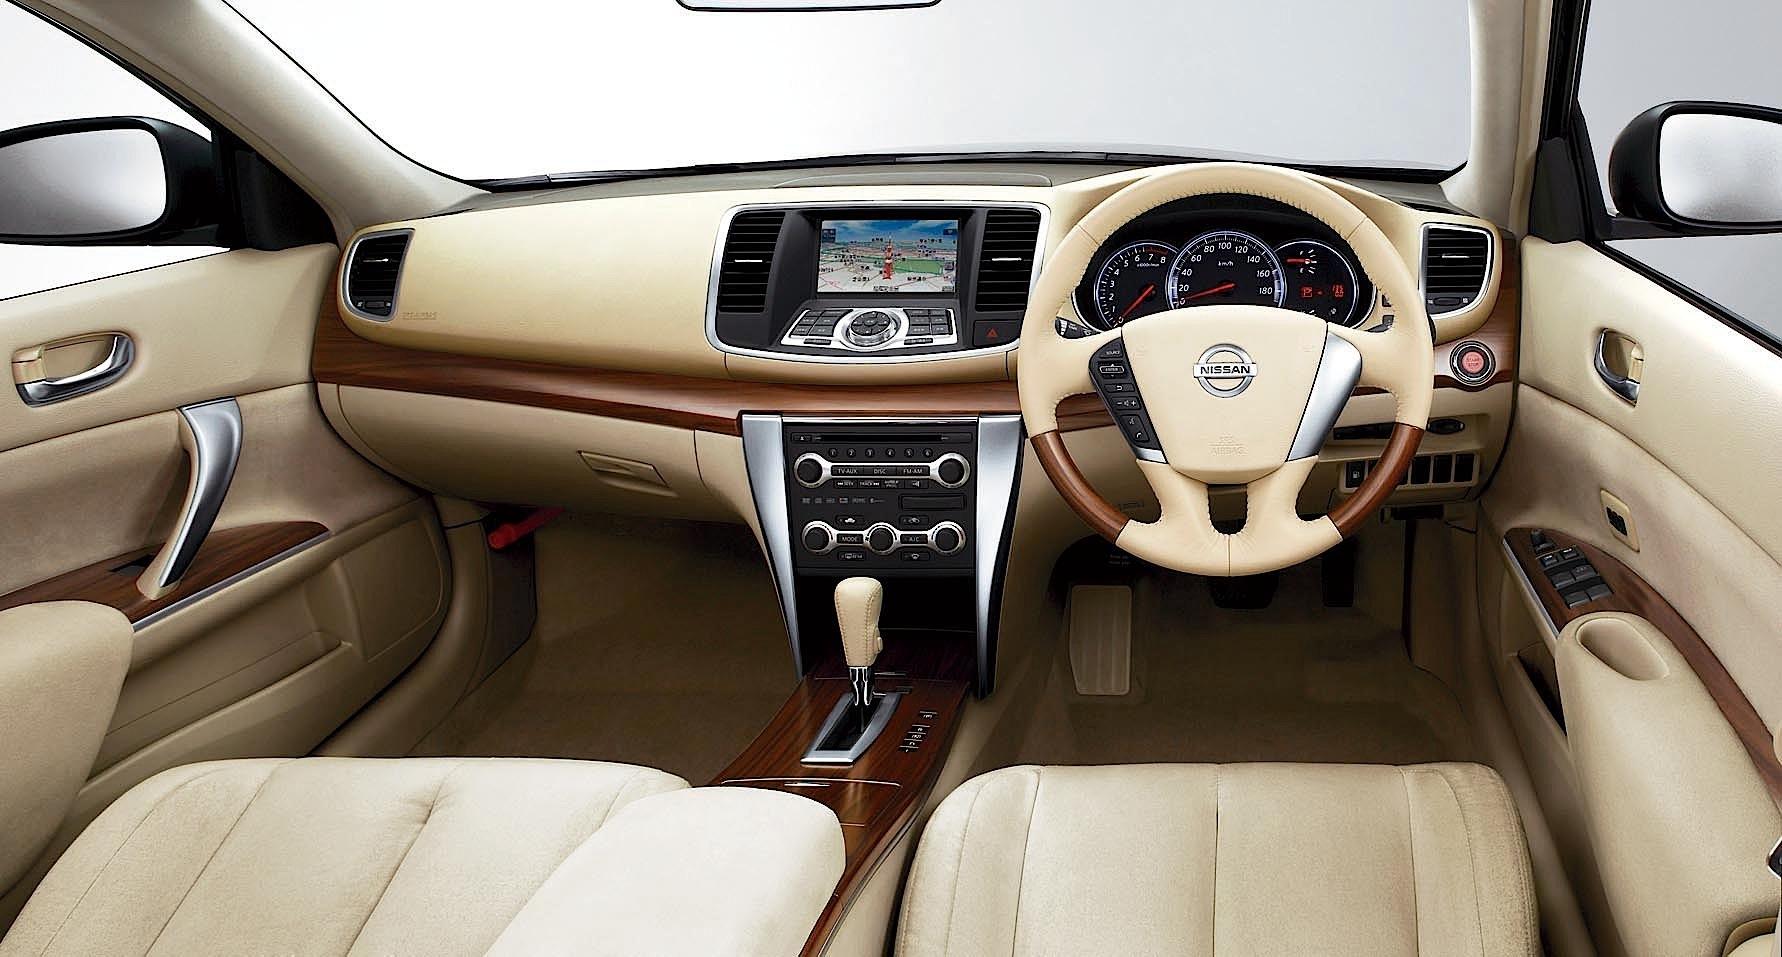 Nissan Teana II 2008 - 2011 Sedan #5